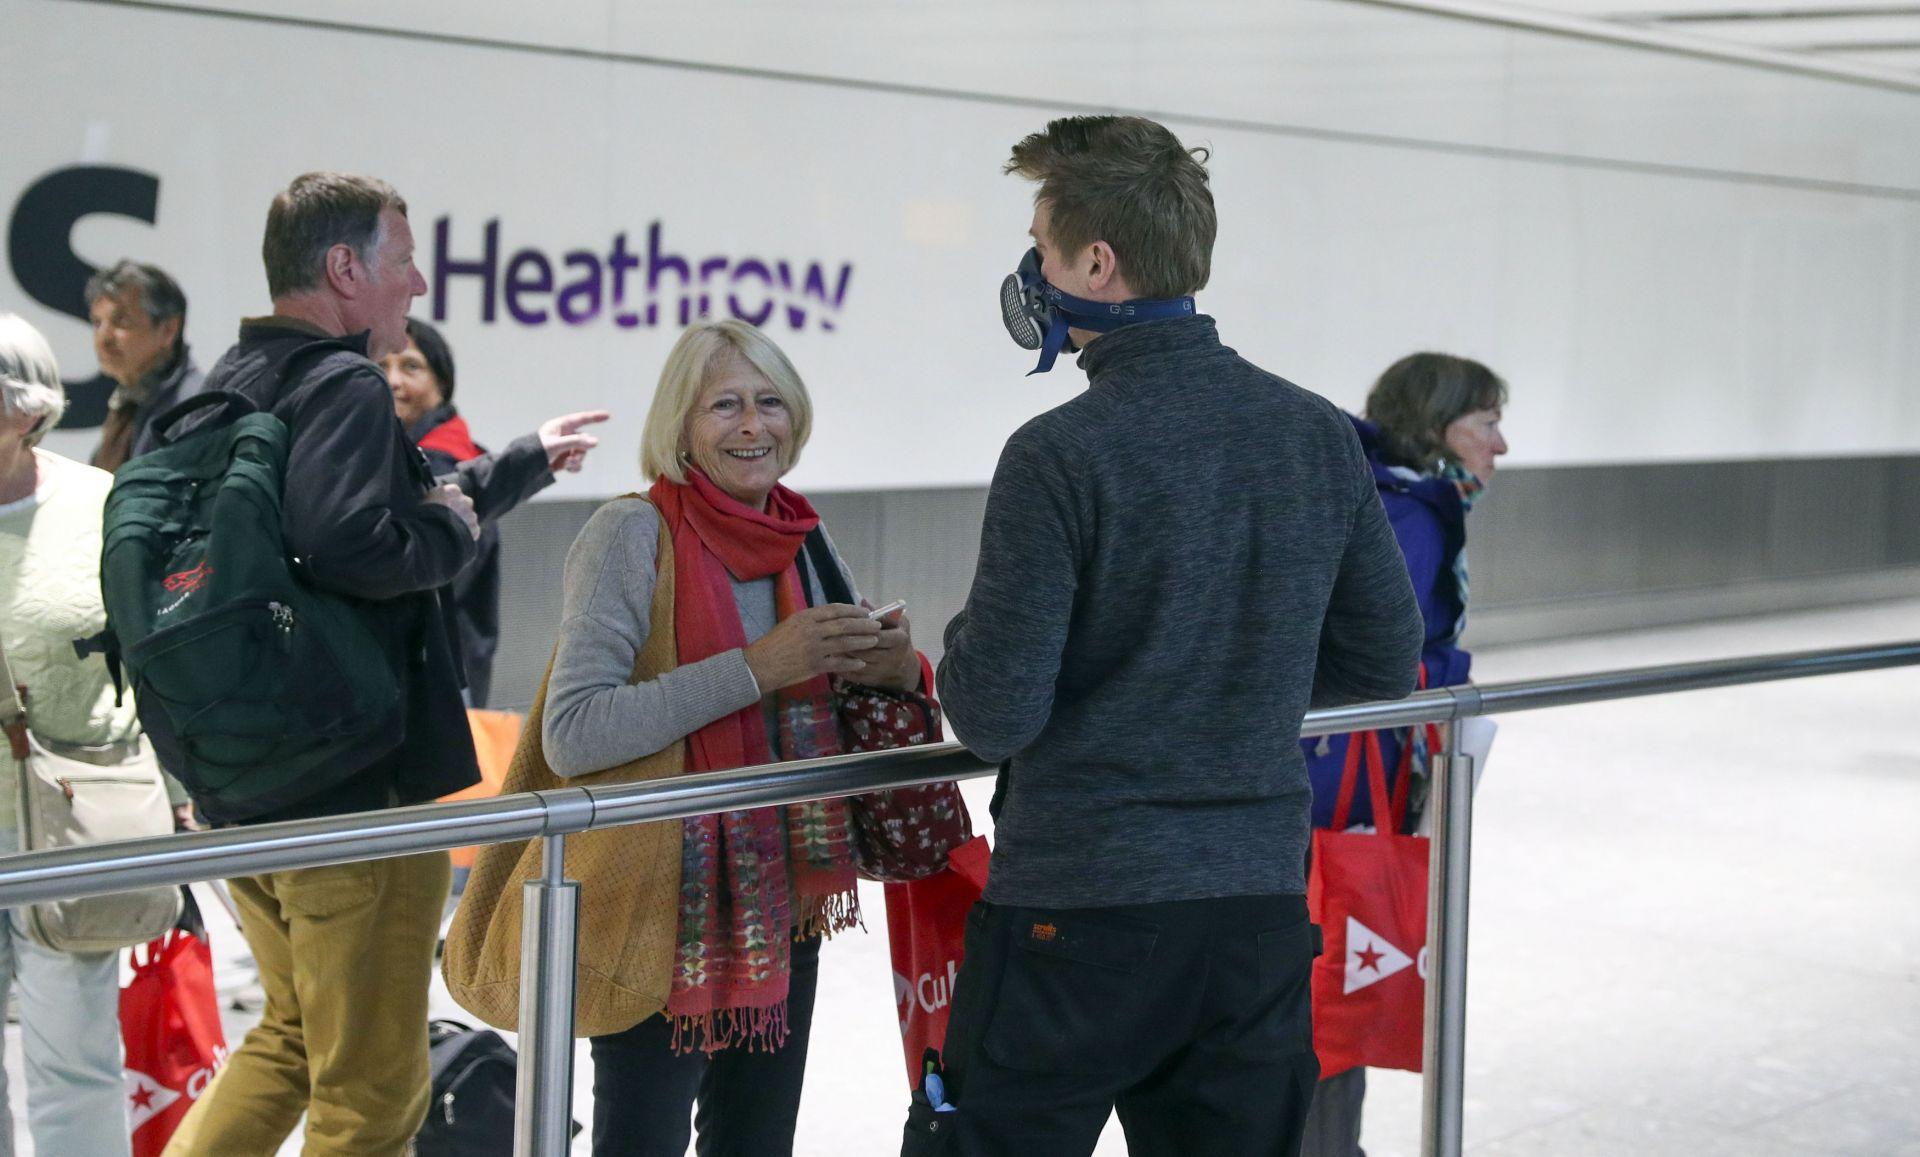 Пристигащи англичани от чужбина на летище Хийтроу